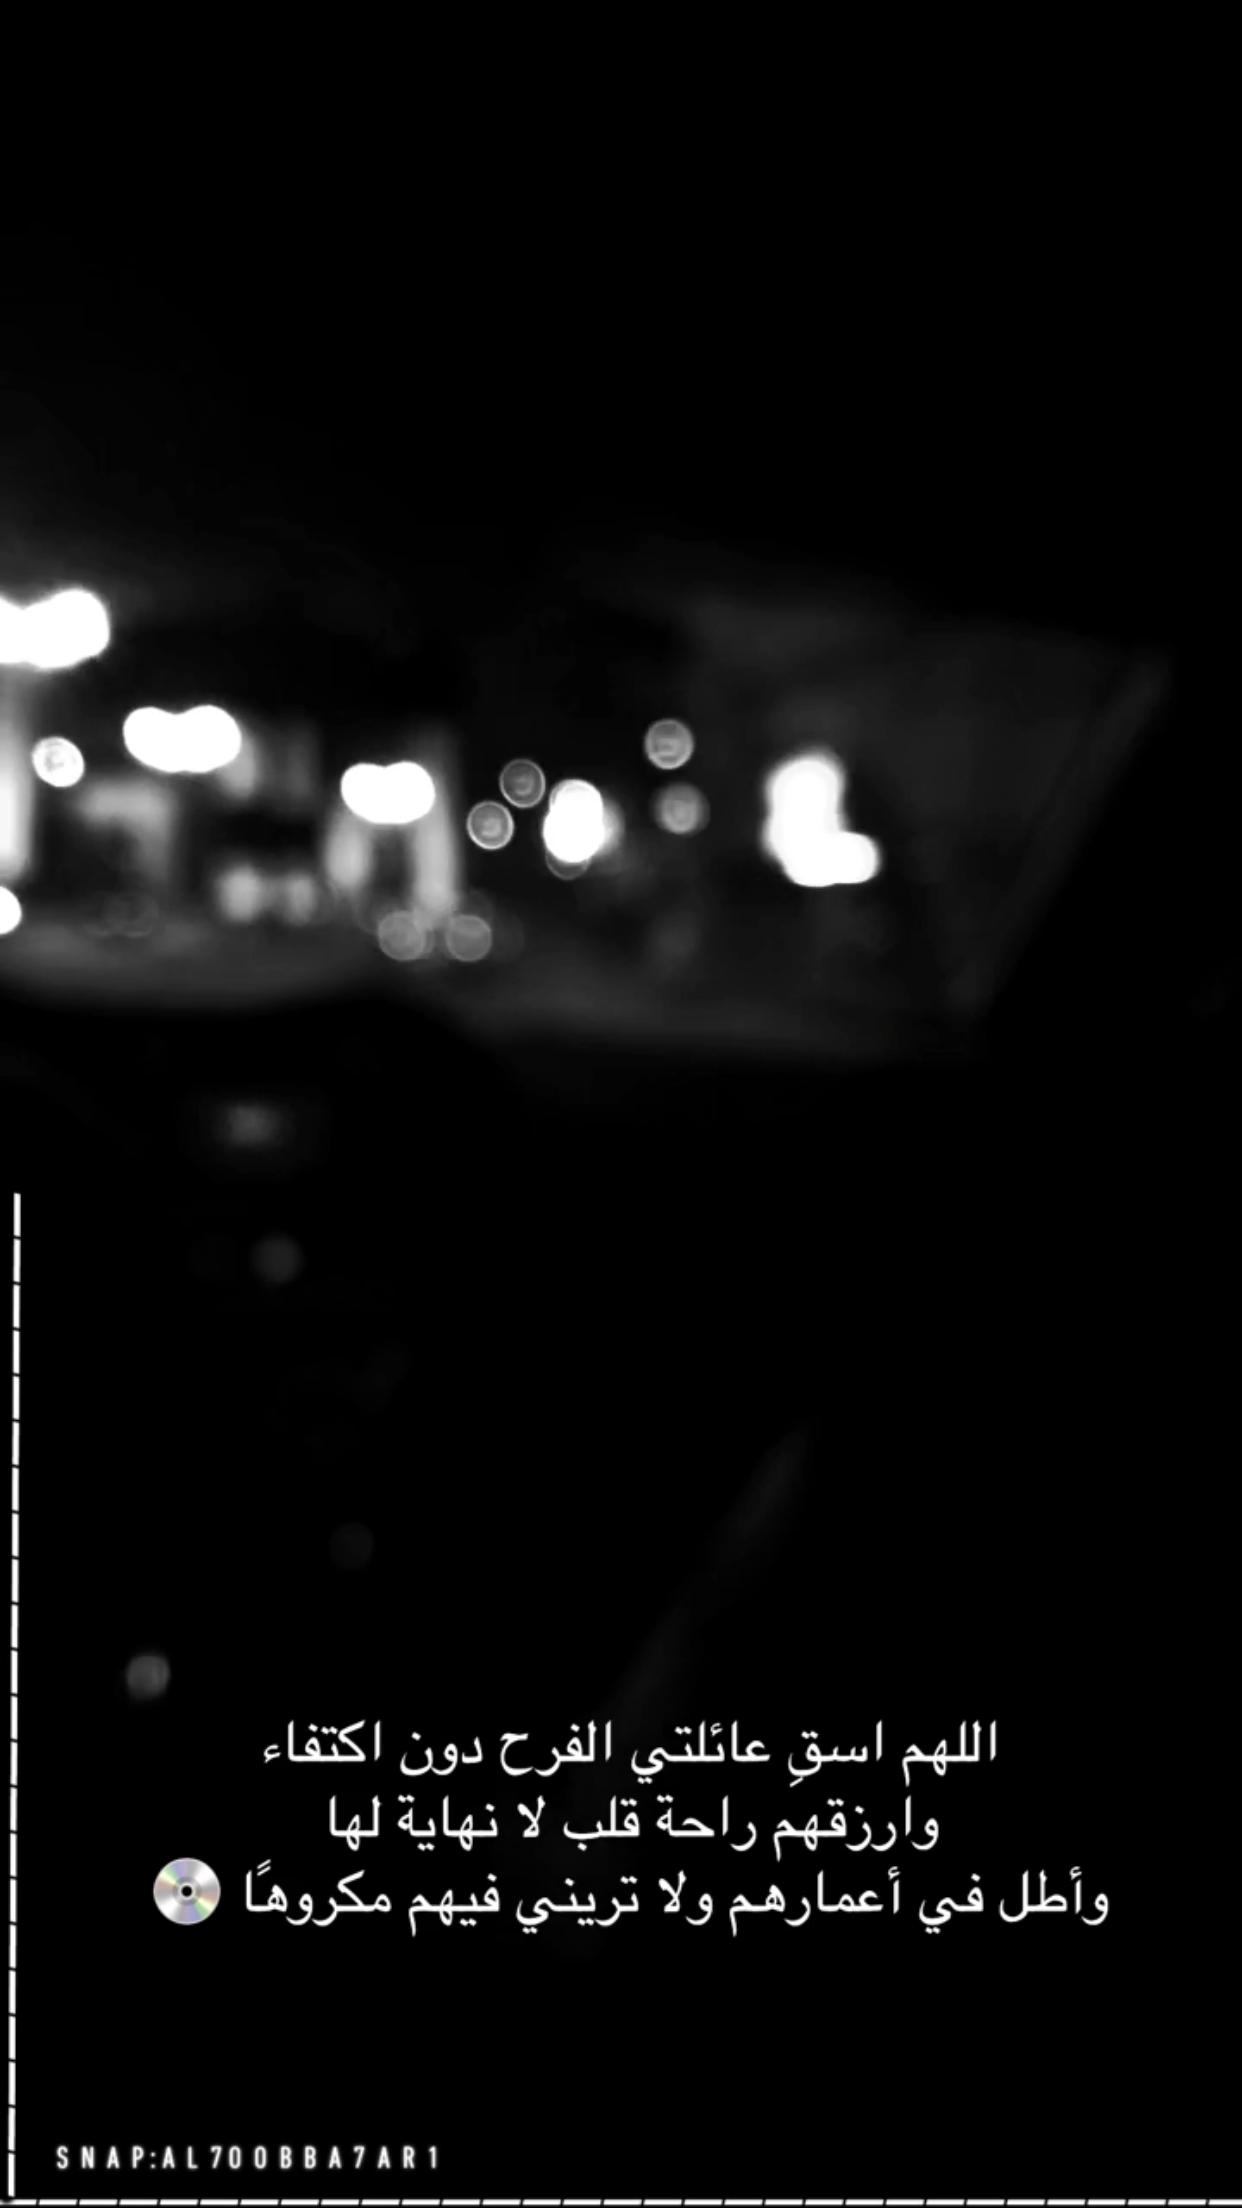 همسة اللهم اسق عائلتي الفرح دون اكتفاء وارزقهم راحة قلب لا نهاية لها وأطل في أعمارهم ولا تريني فيهم مكروه ا Quotes Arabic Love Quotes Arabic Quotes